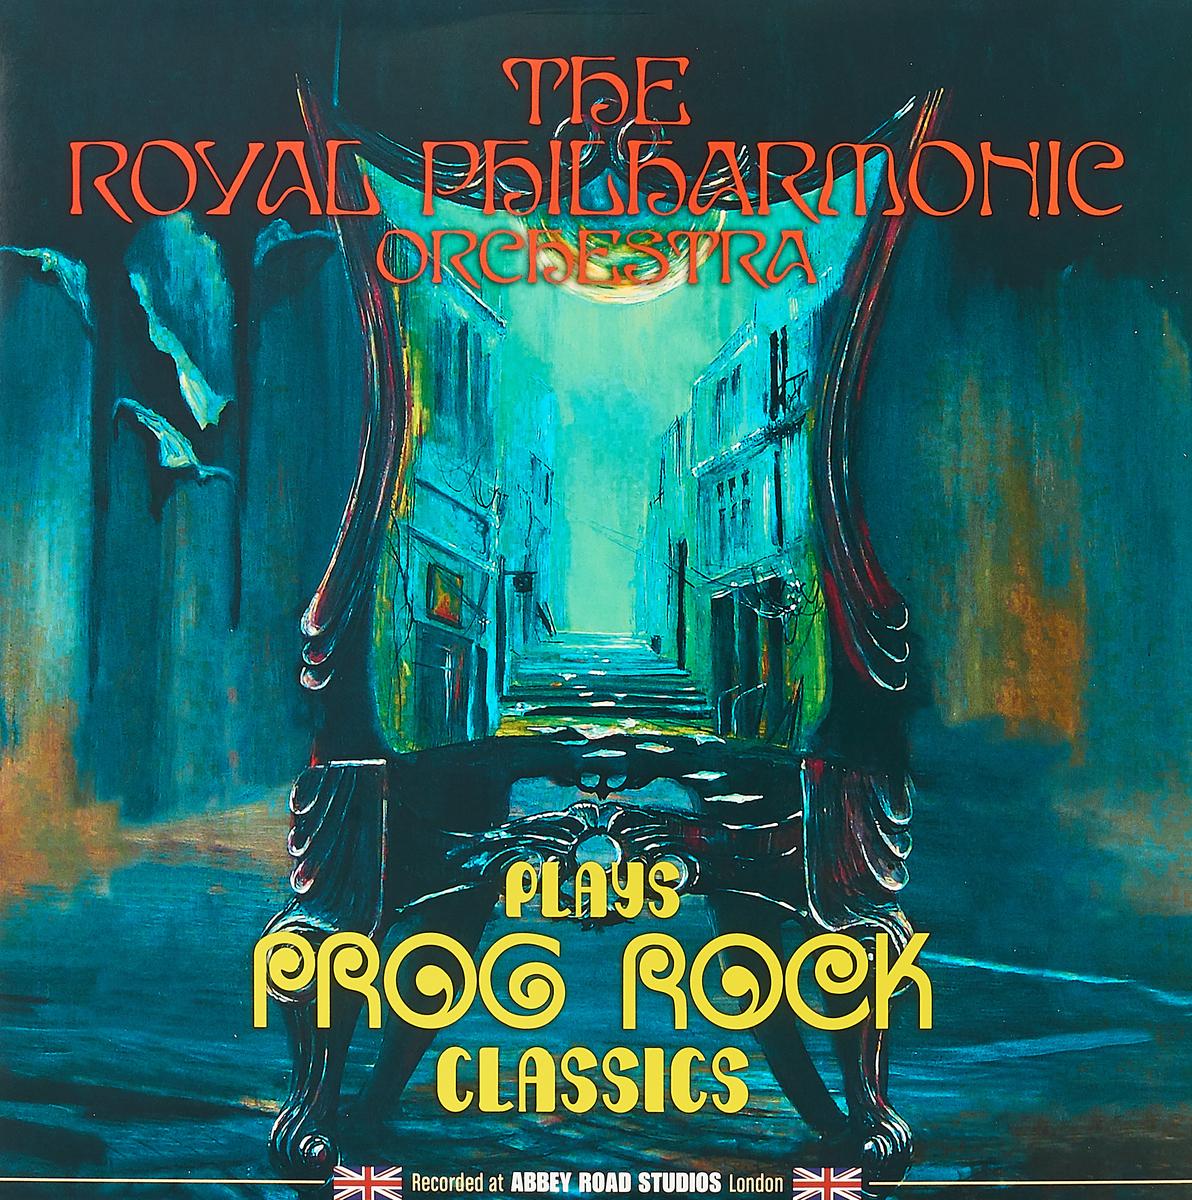 цена на The Royal Philharmonic Orchestra The Royal Philharmonic Orchestra. Plays Prog Rock Classics (LP)